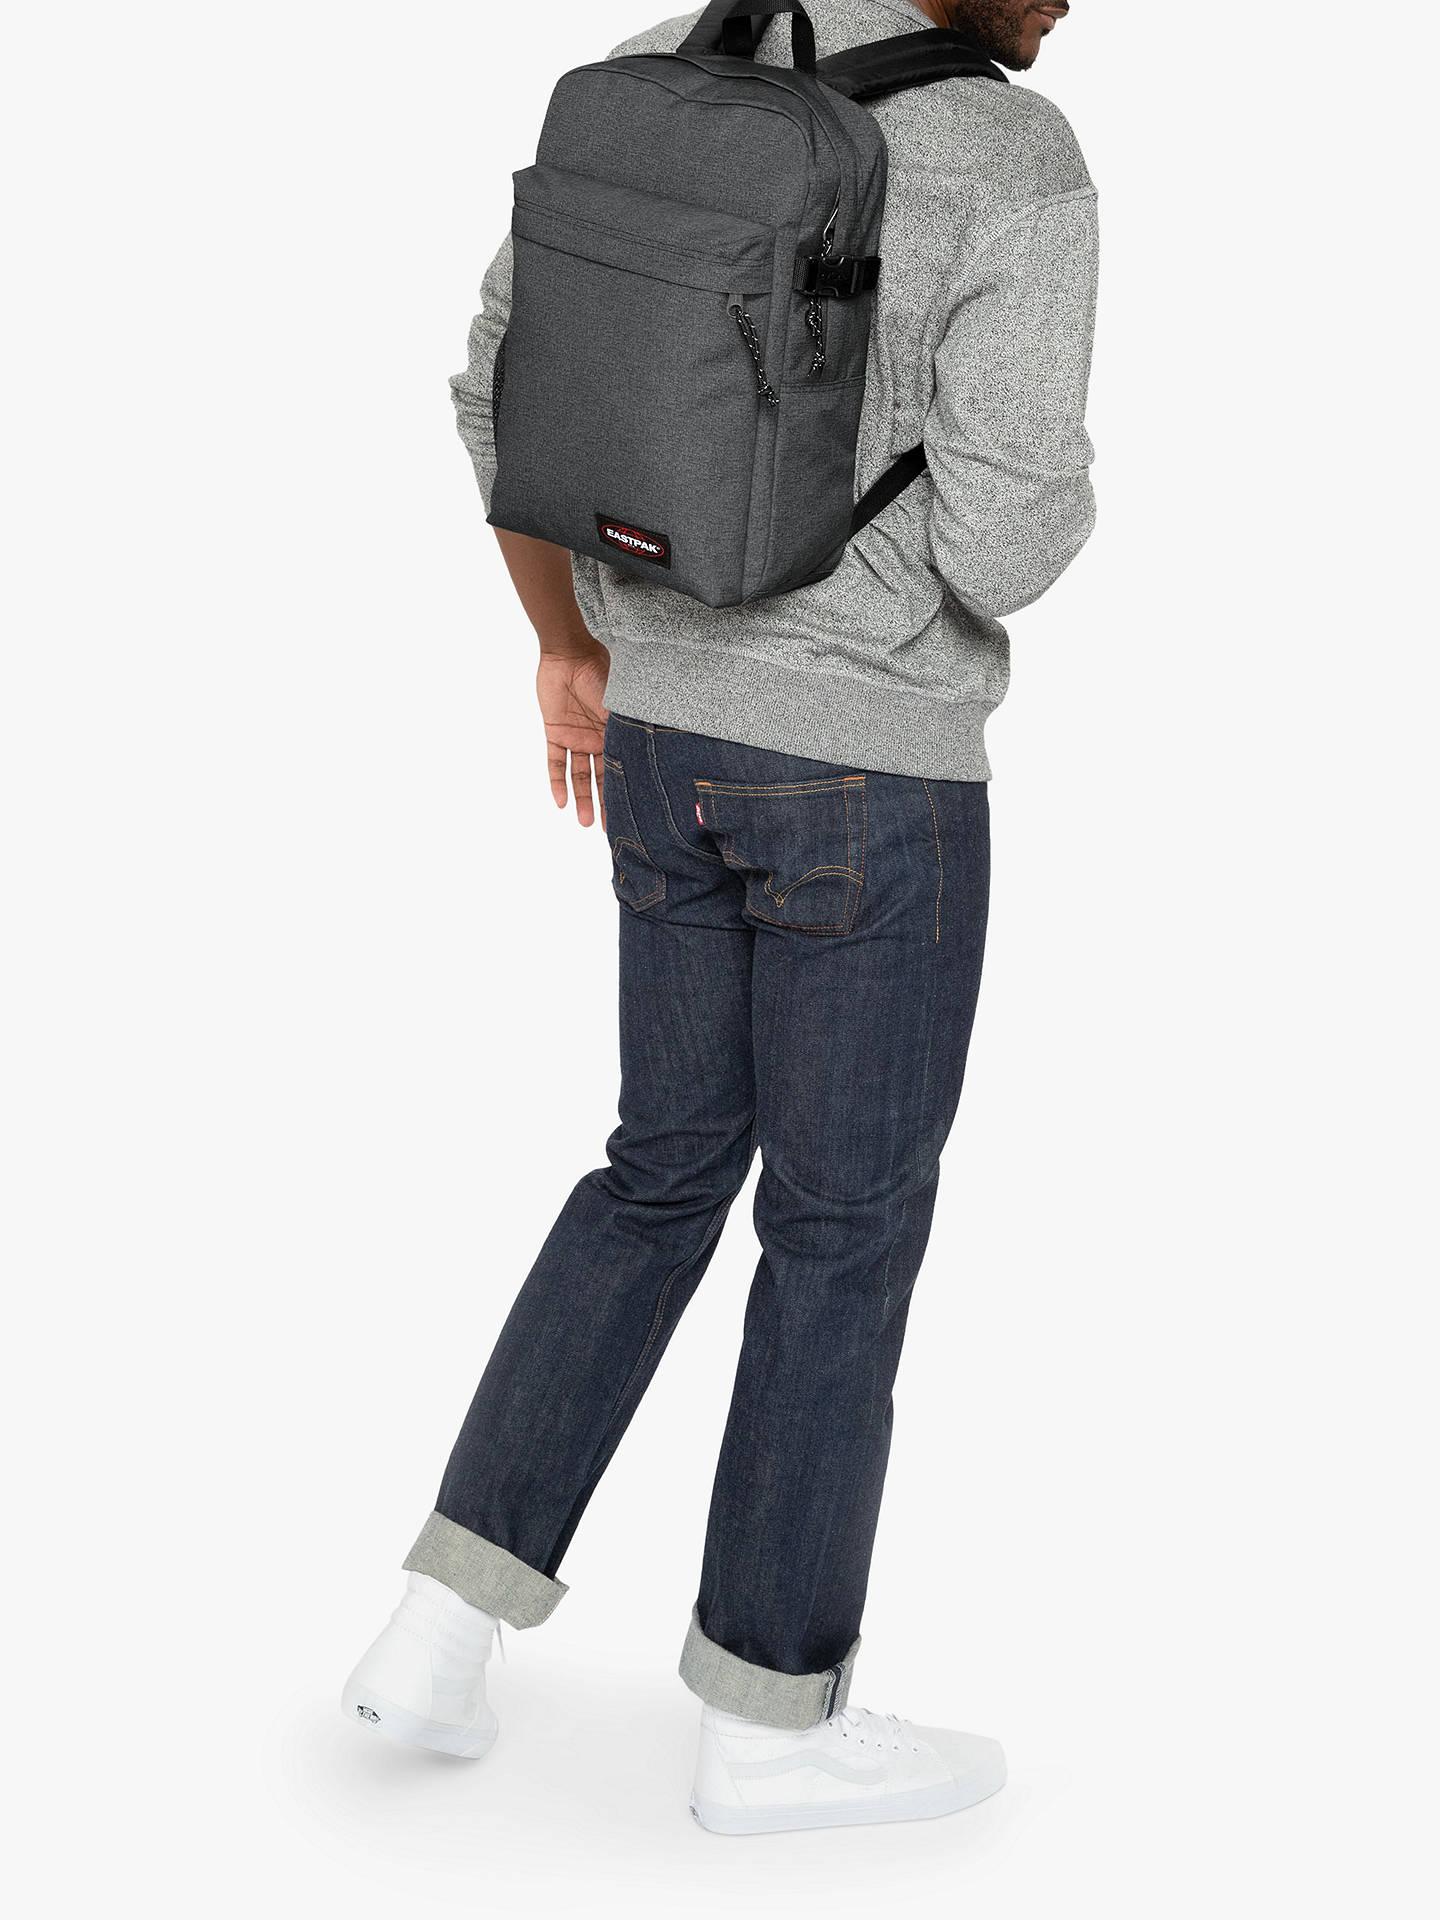 ... BuyEastpak Standler Backpack 5c348e2ea3905